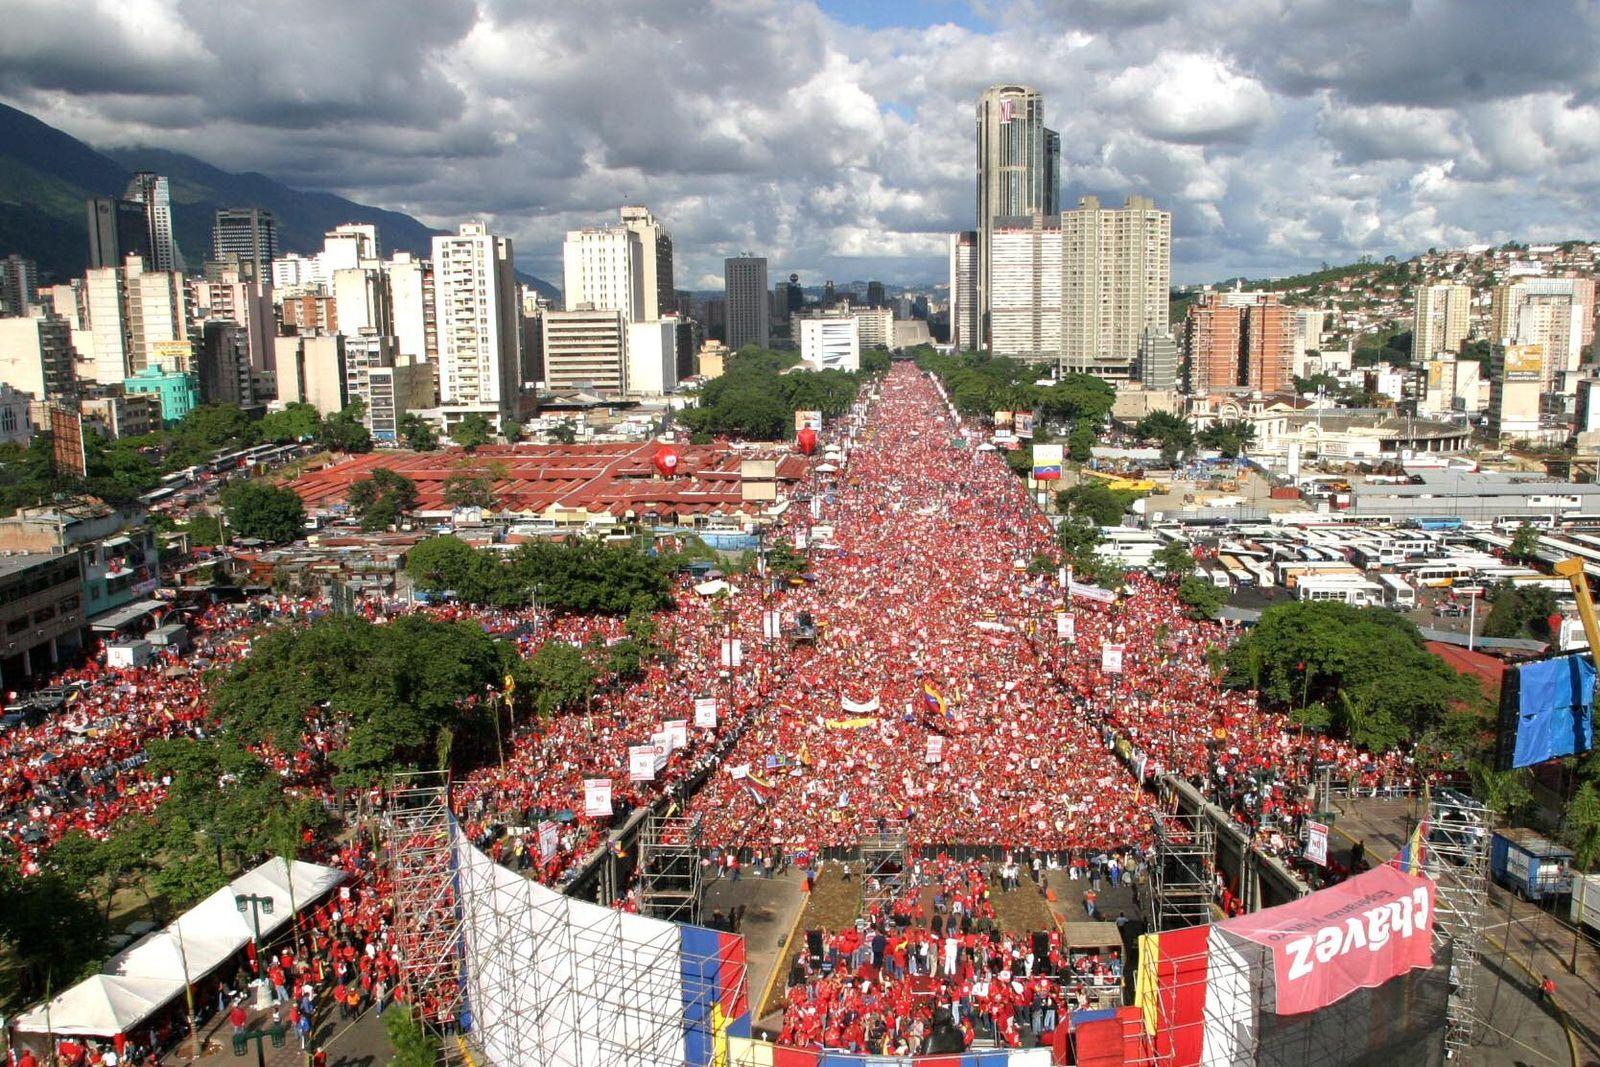 En attendant le 7 octobre, un hommage au peuple vénézuélien